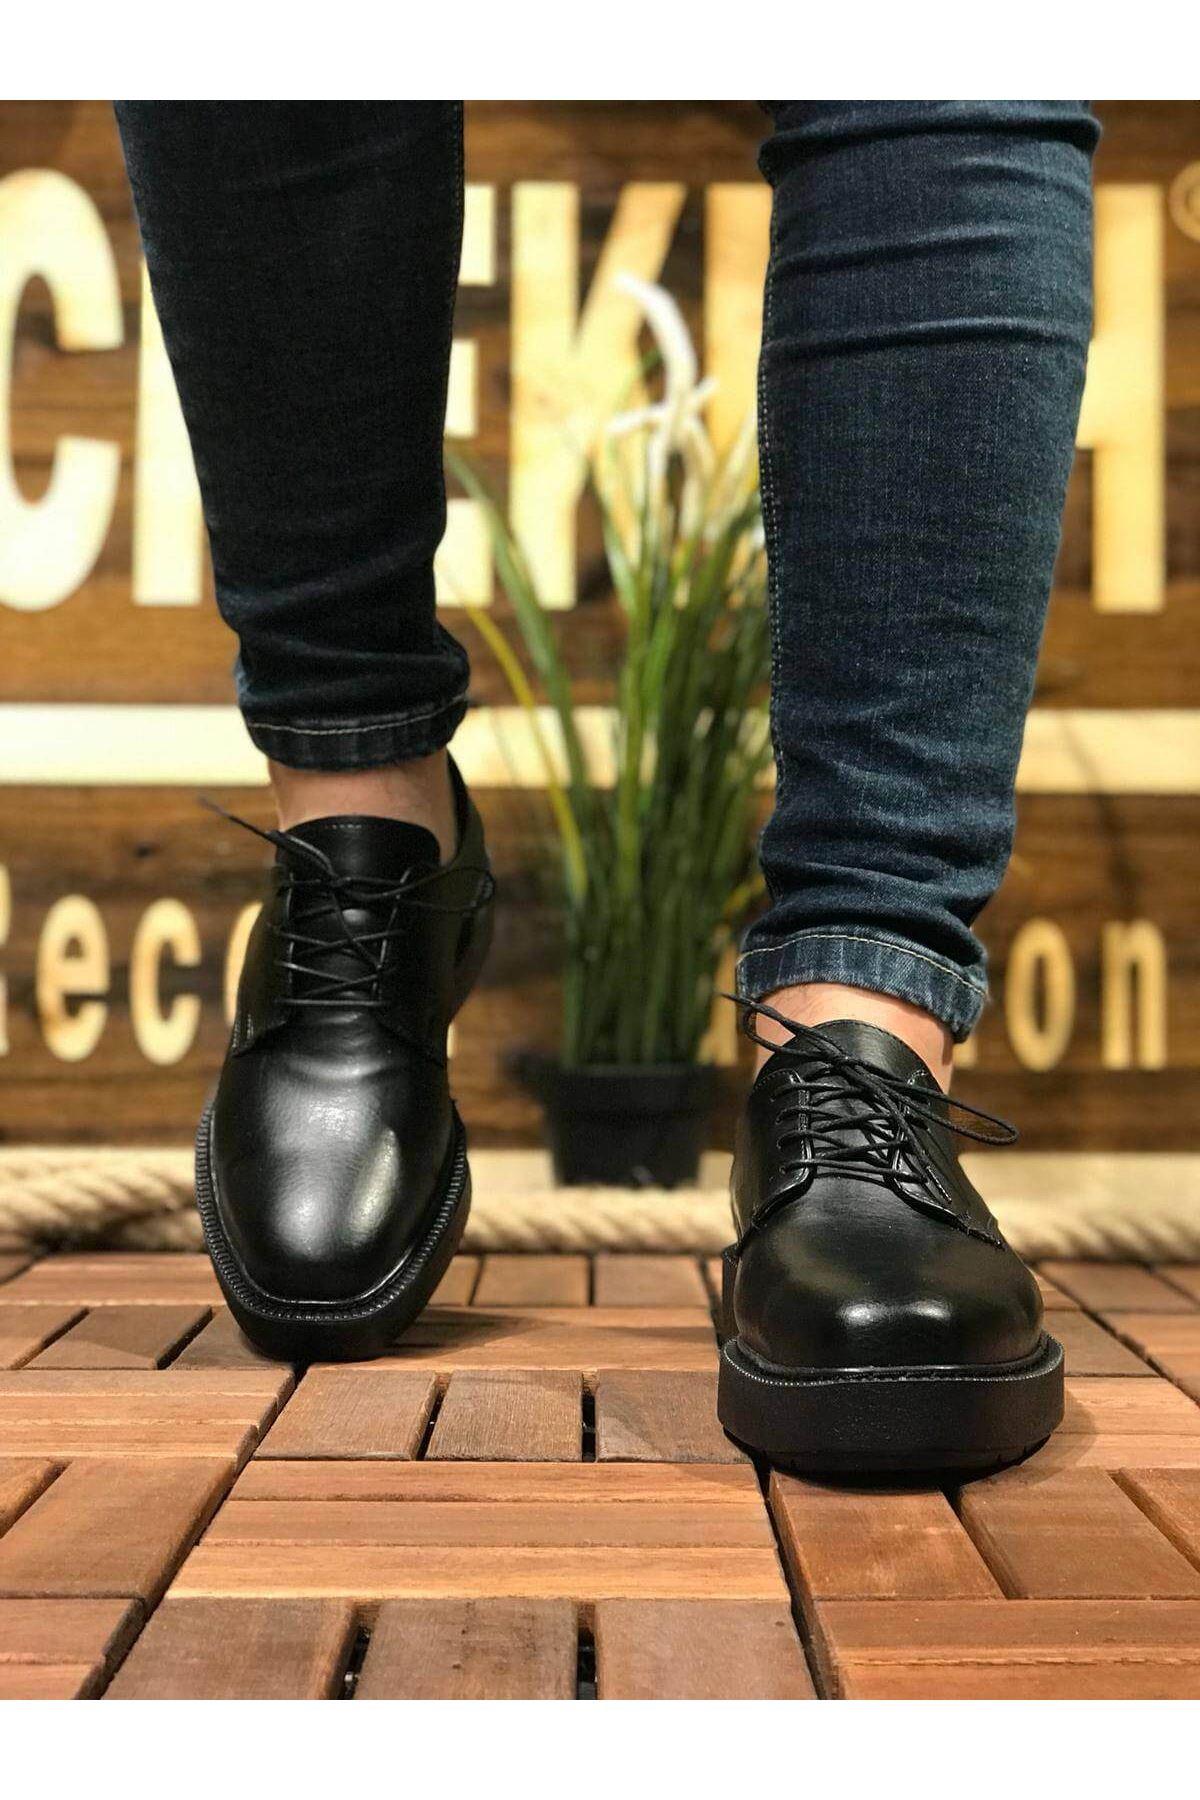 Chekich CH001 Fantasya Siyah Taban Erkek Ayakkabı SIYAH